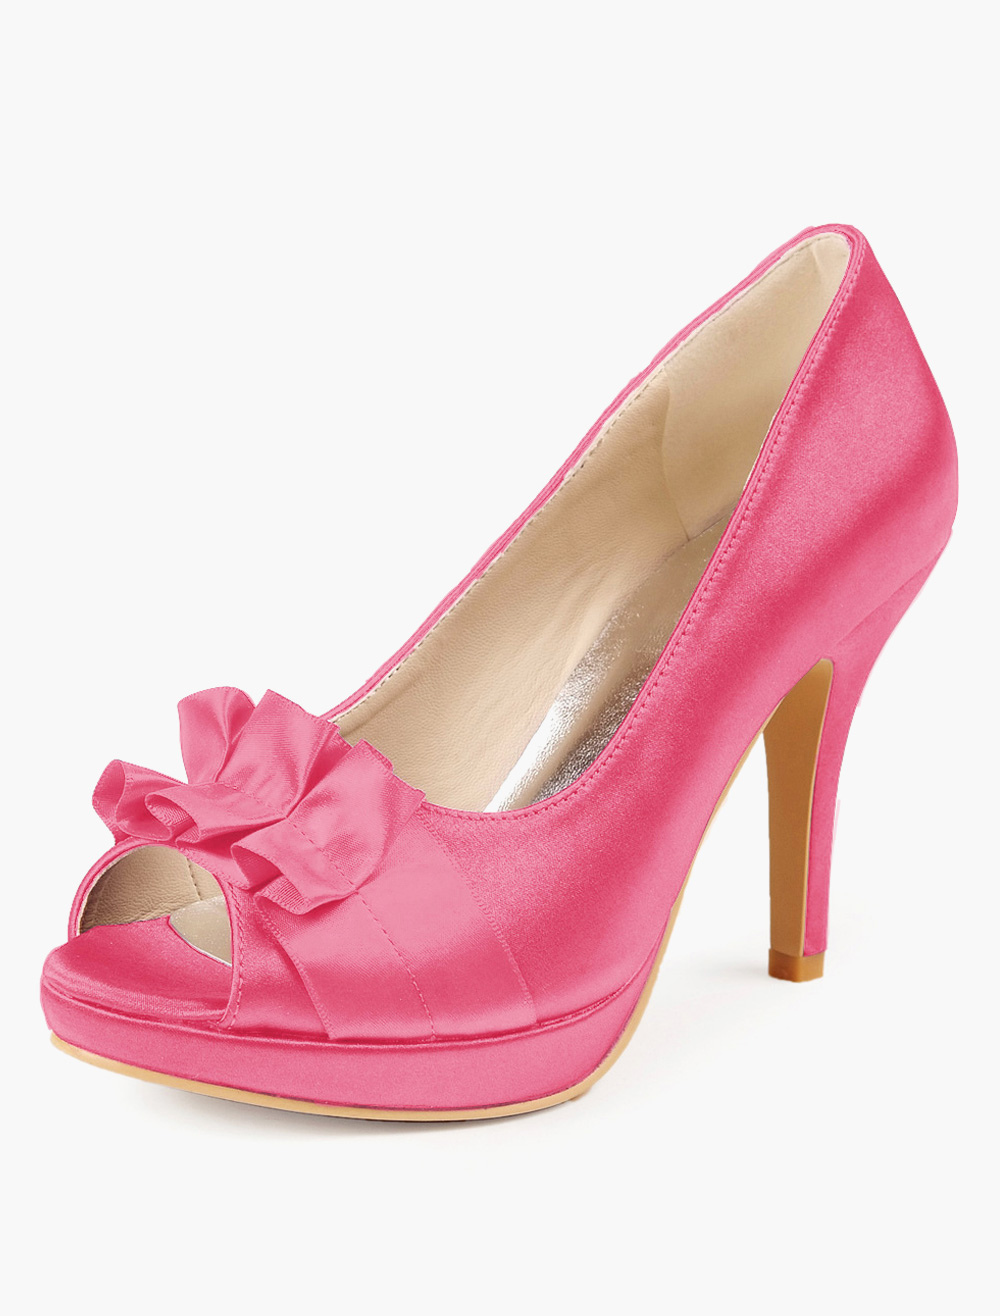 ac56a64bd Zapatos peep toe de seda y satén con lazo - Milanoo.com